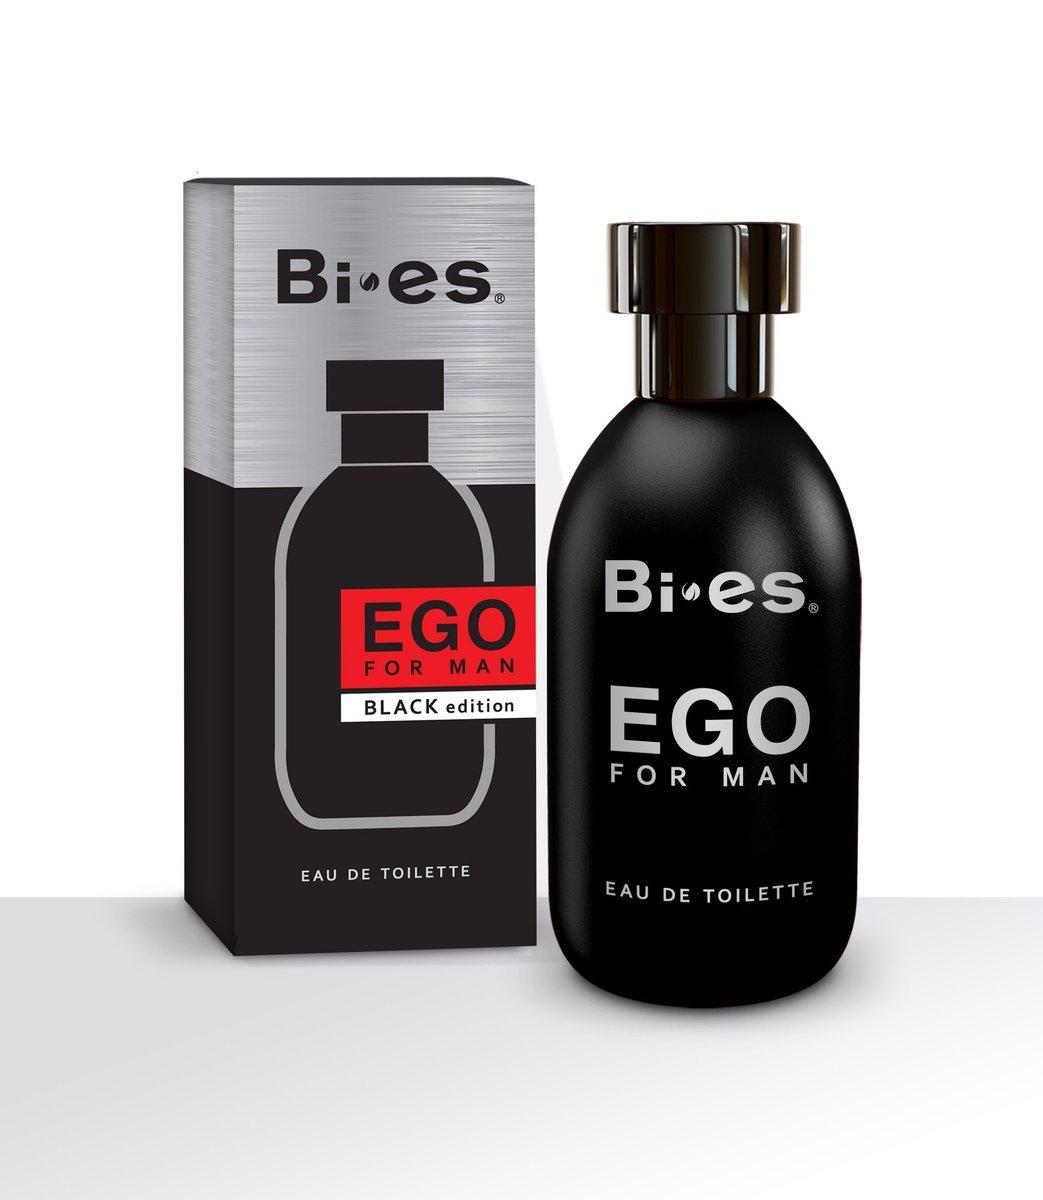 bi-es ego black edition